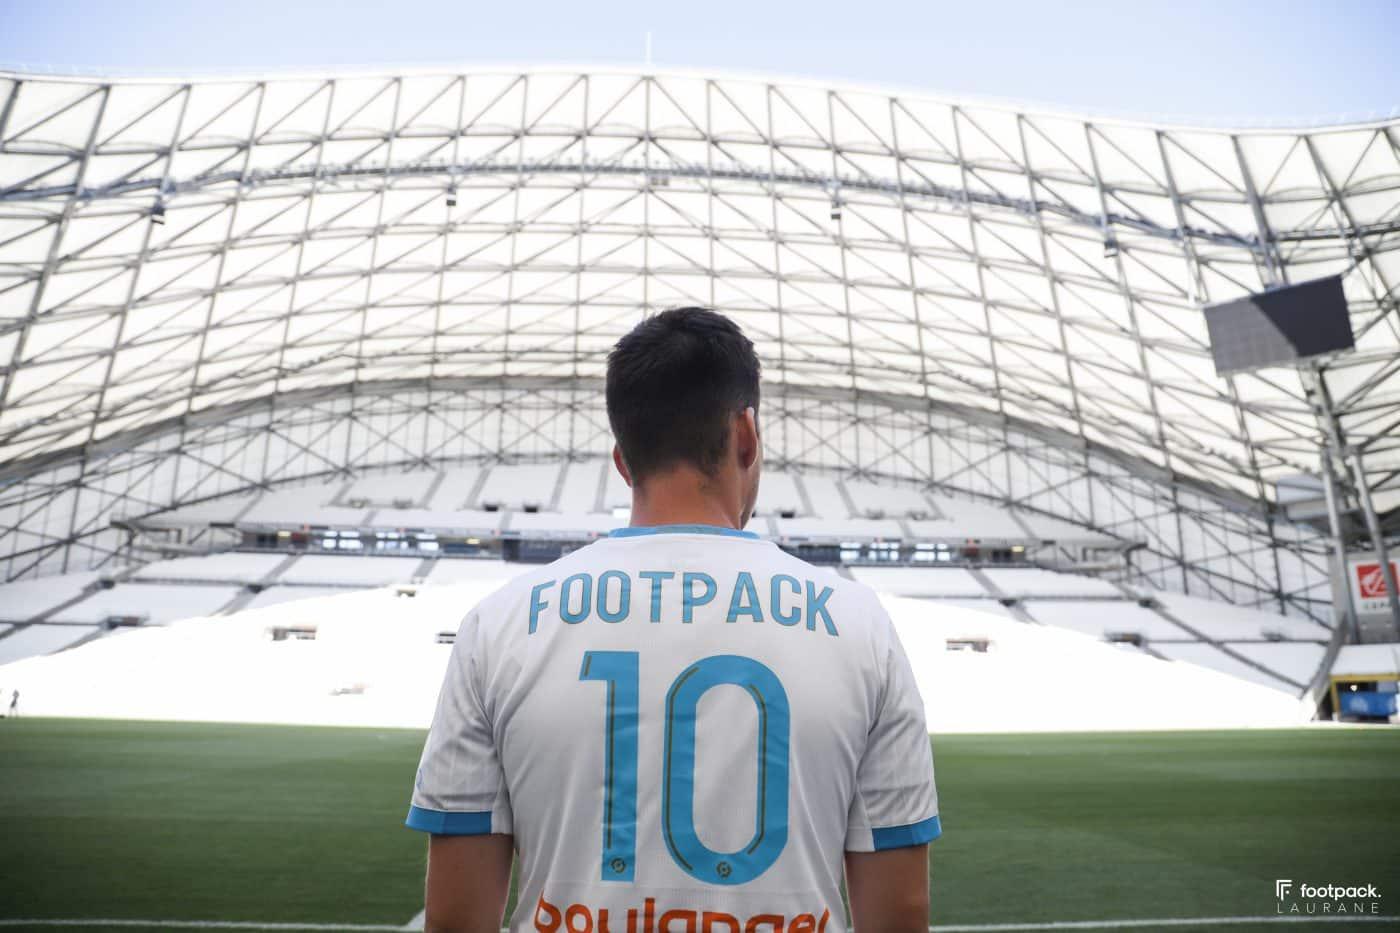 tour-de-france-ligue-1-footpack-10